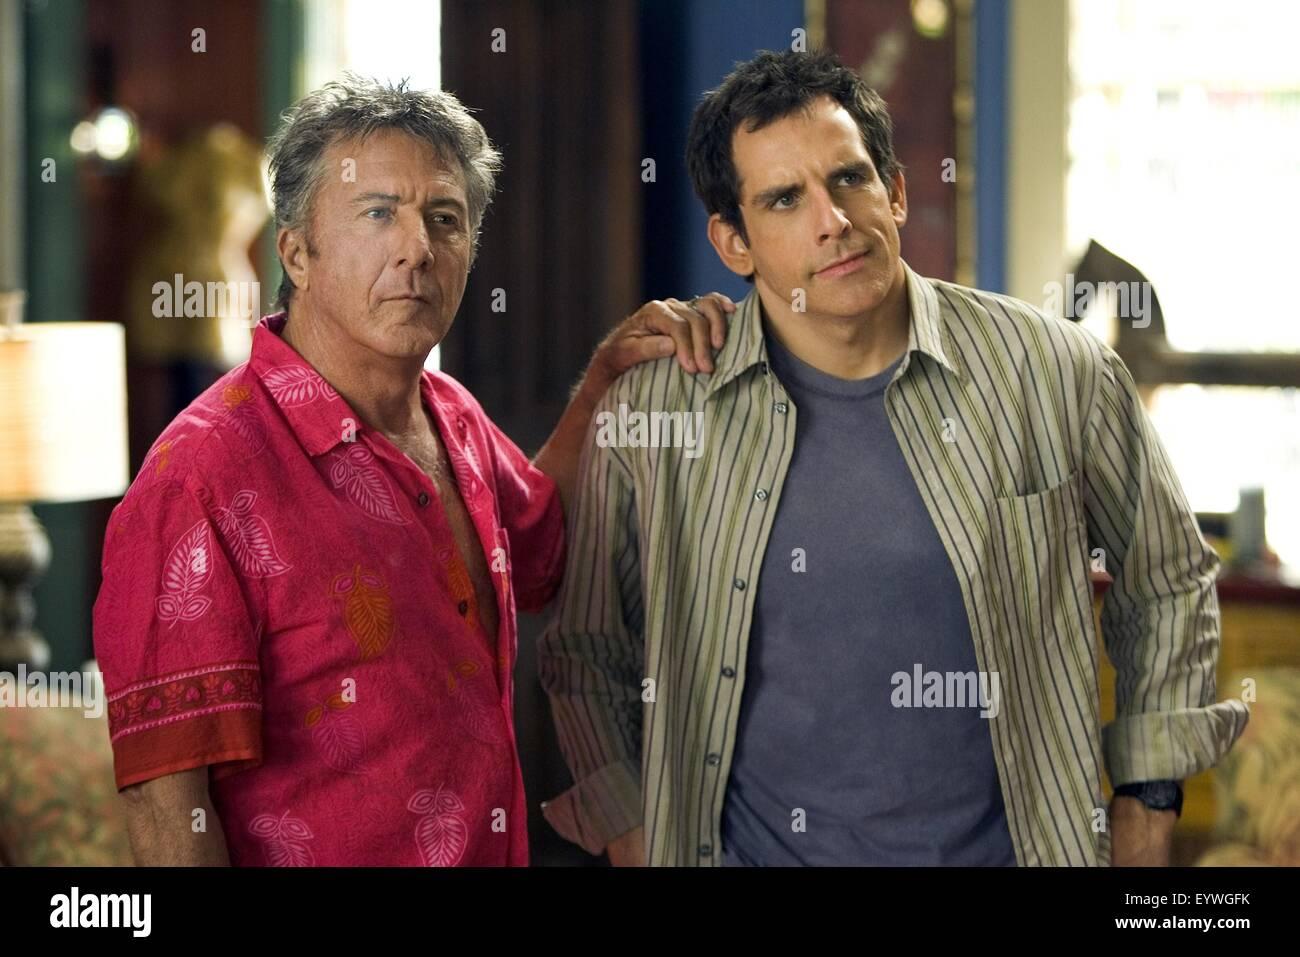 Meet the Fockers ; Year : 2004 USA ; Director : Jay Roach ; Dustin Hoffman, Ben Stiller ; Photo: Tracy Bennett - Stock Image